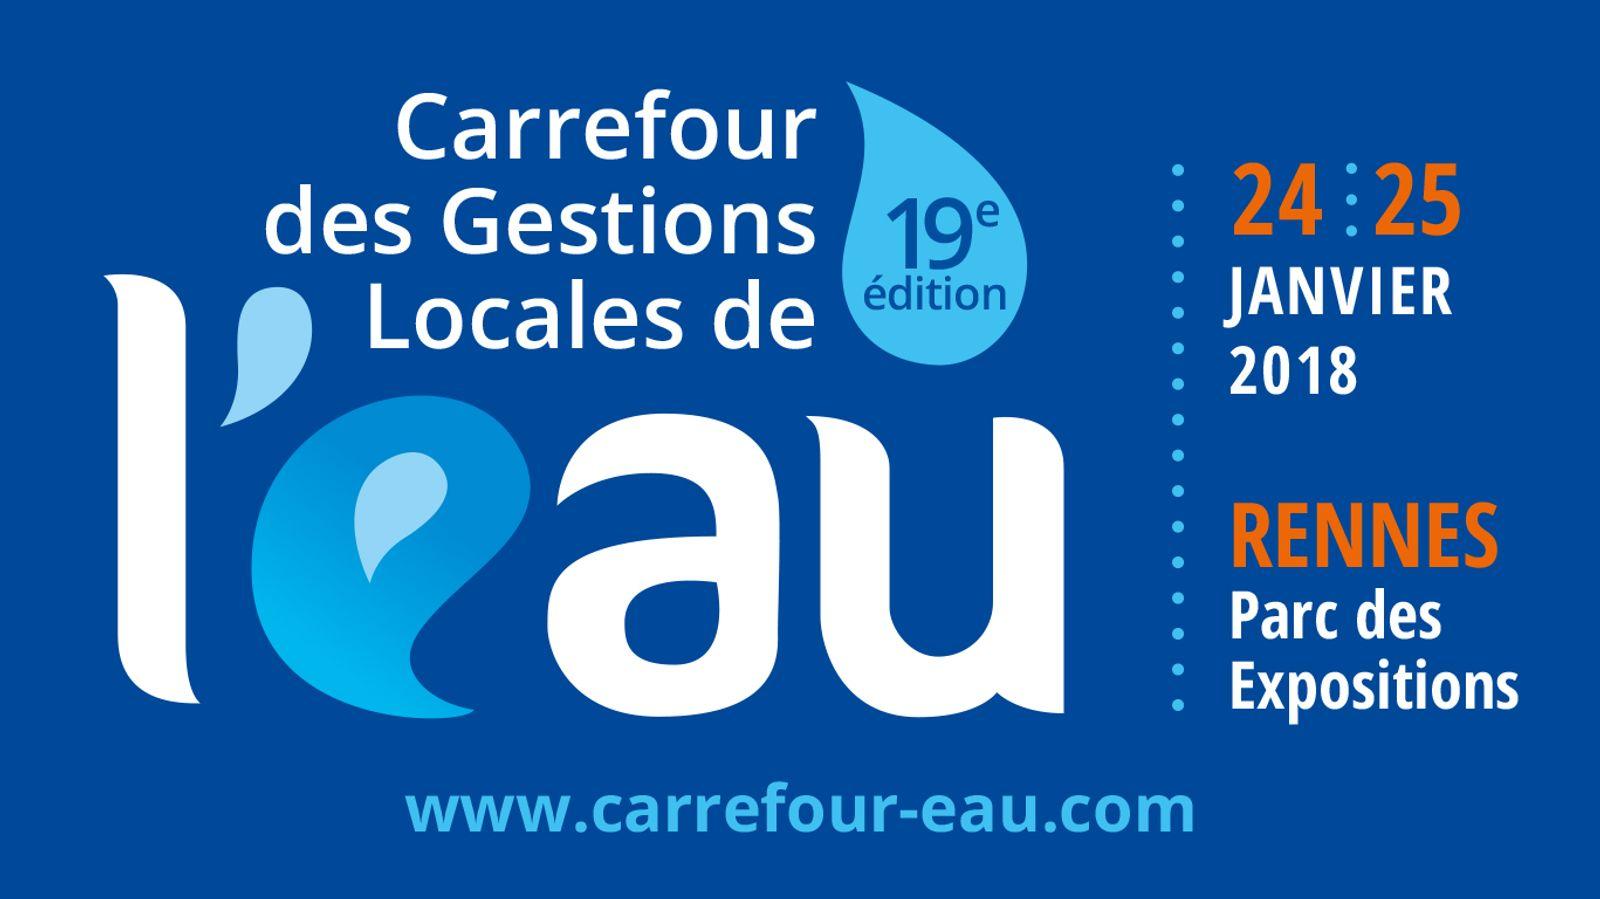 [CGLE19] Carrefour des Gestions Locales de l'eau 2018 - Focus